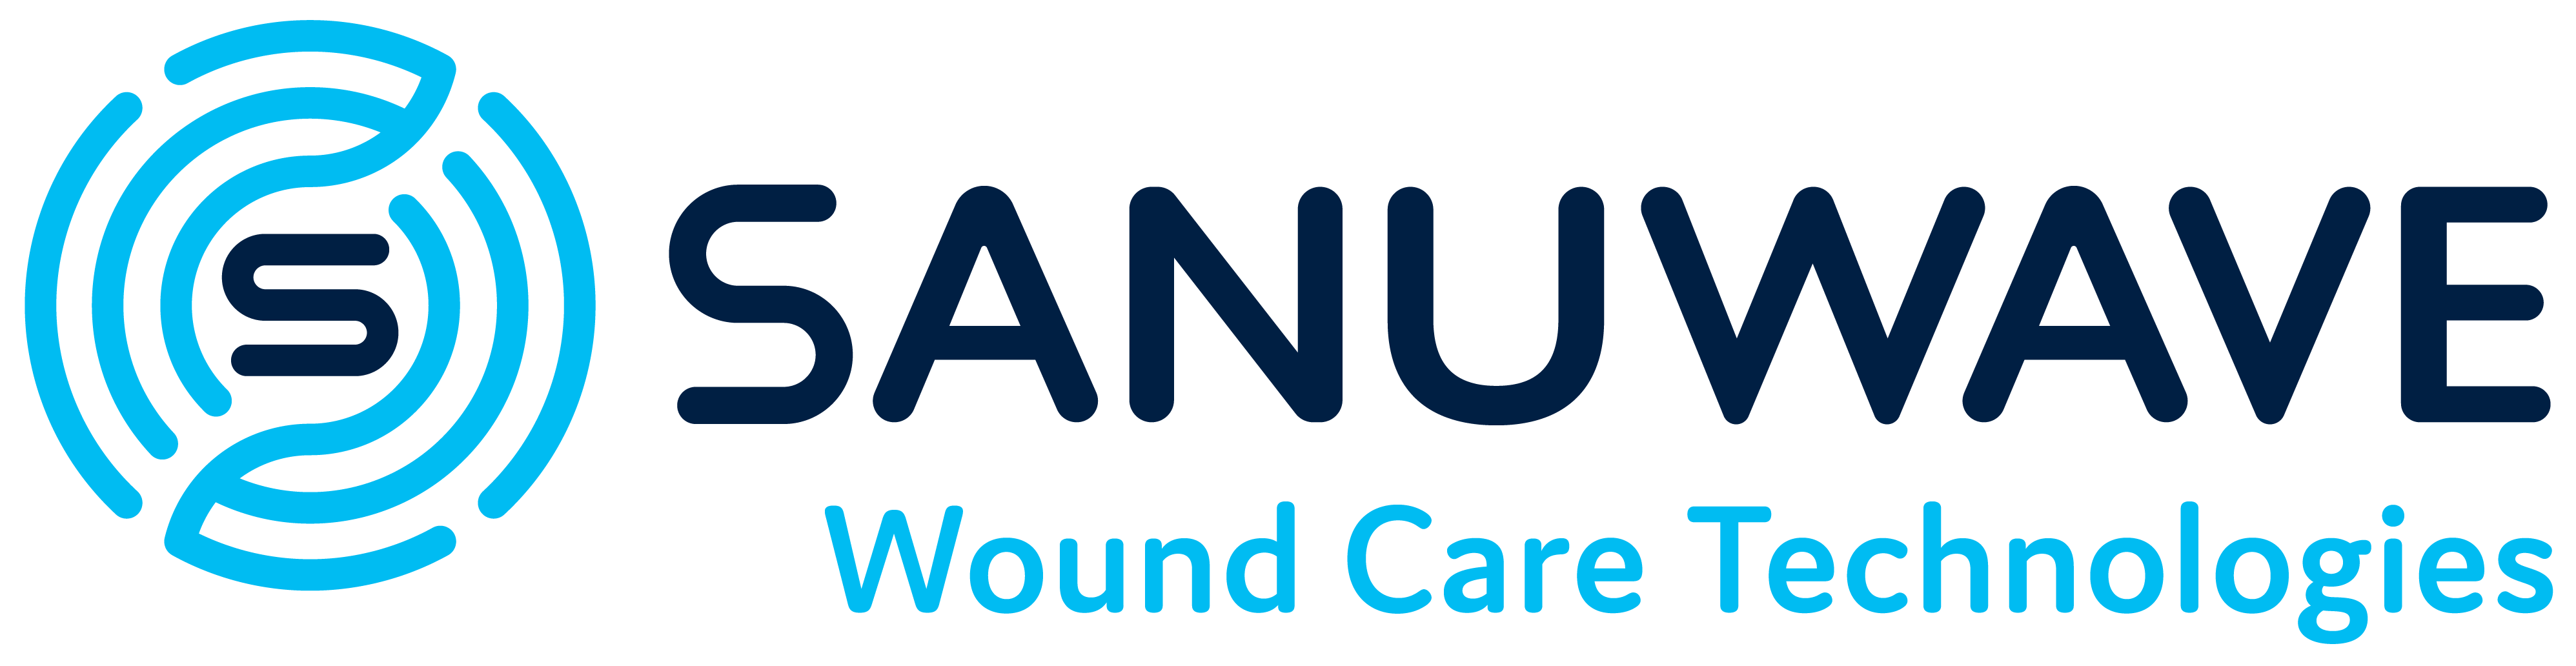 SANUWAVE Health, Inc.